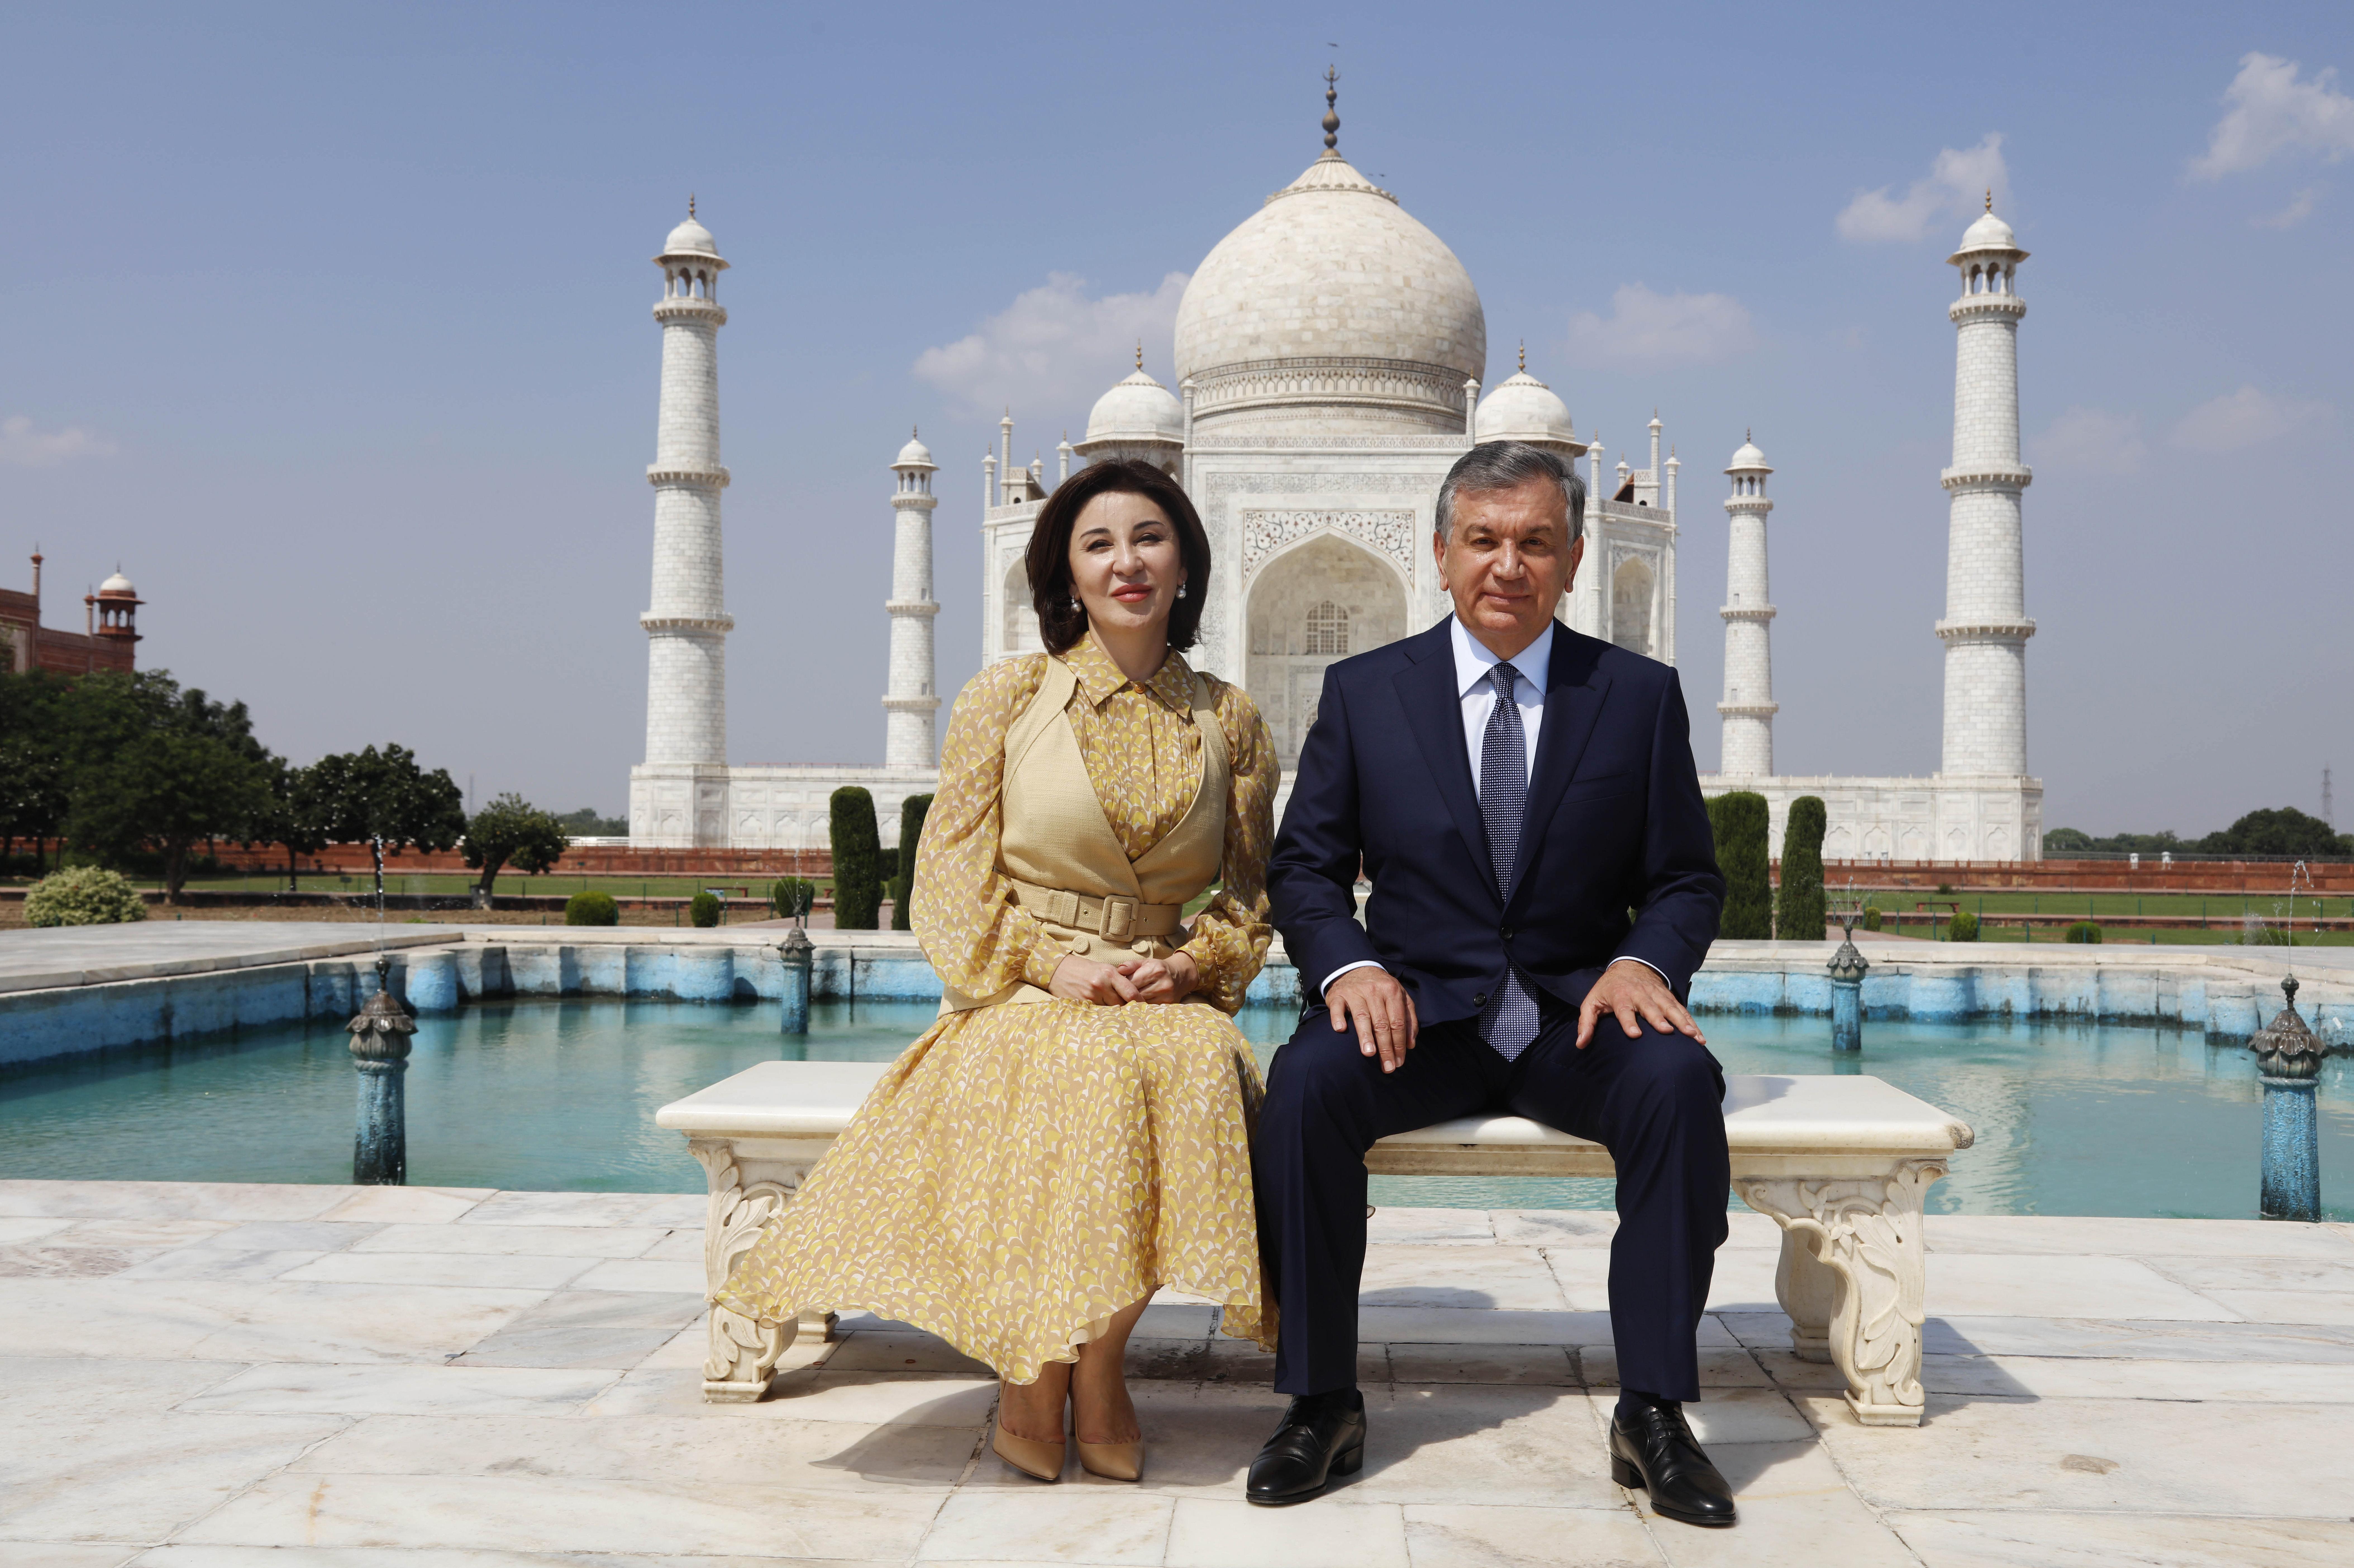 Президент Узбекистана Шавкат Мирзиеев с супругой 30 сентября посетили комплекс Тадж-Мхал в Агре